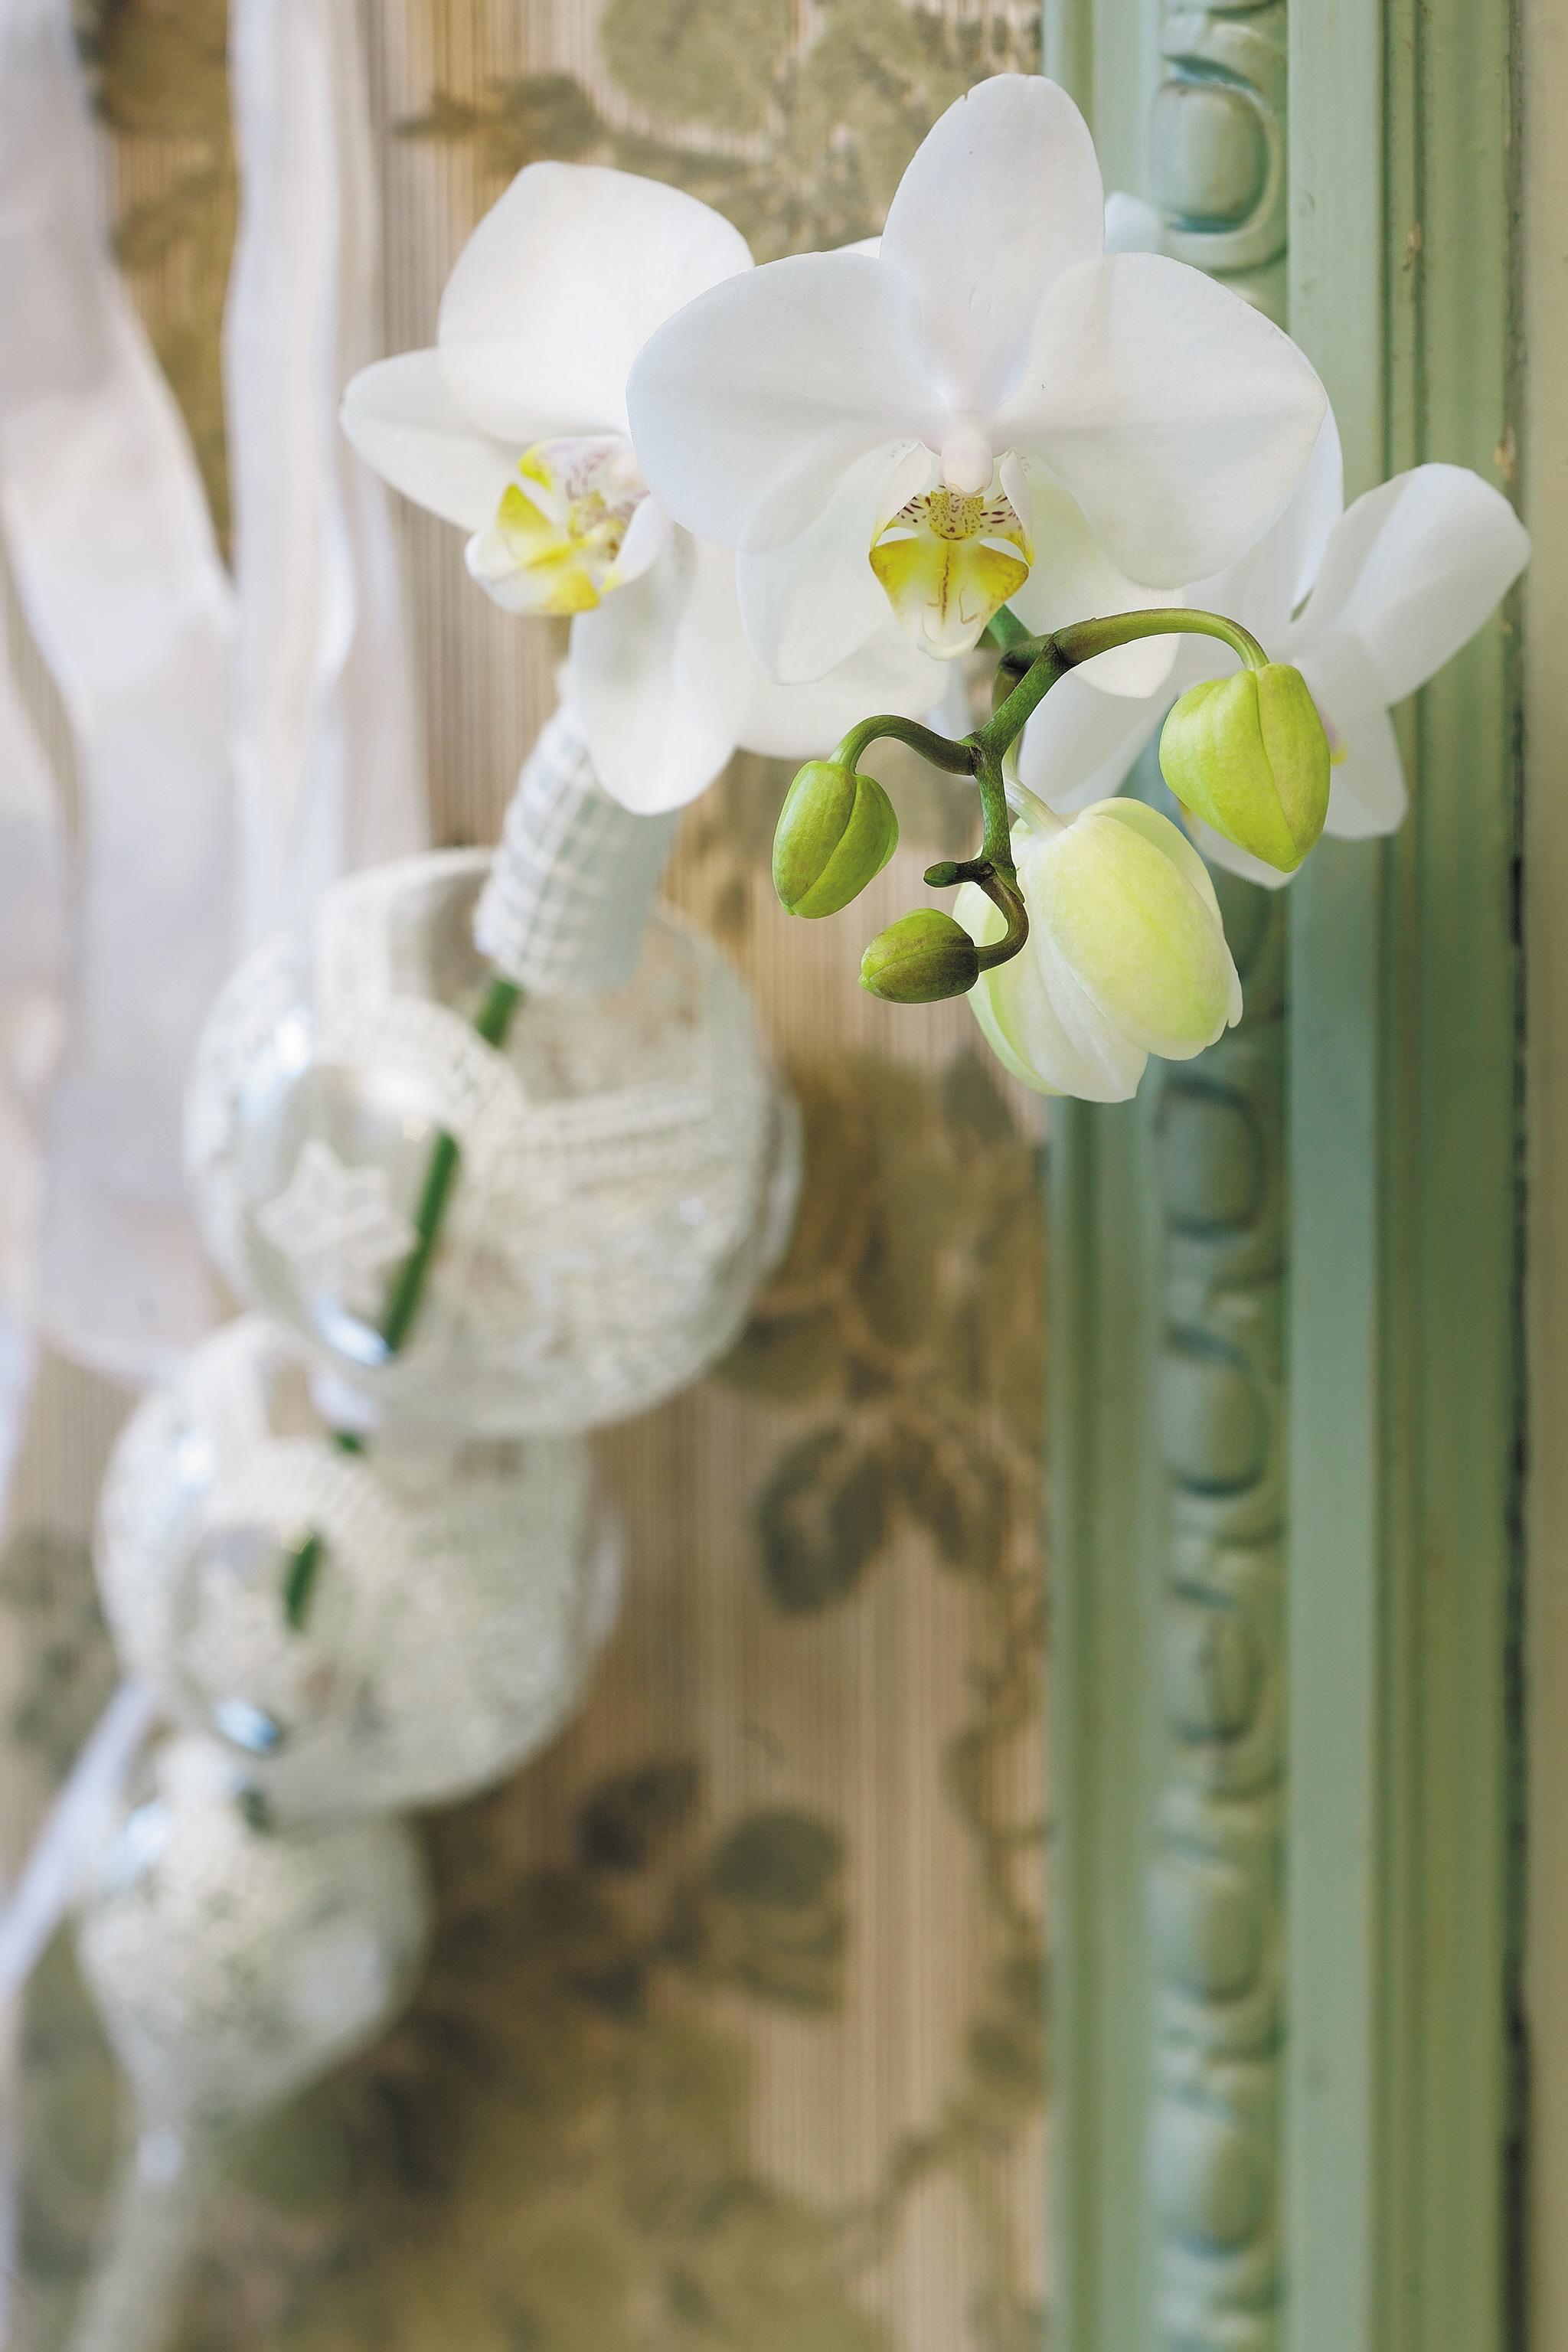 Inspiratie voor een zomerse bruiloft vol bloemen